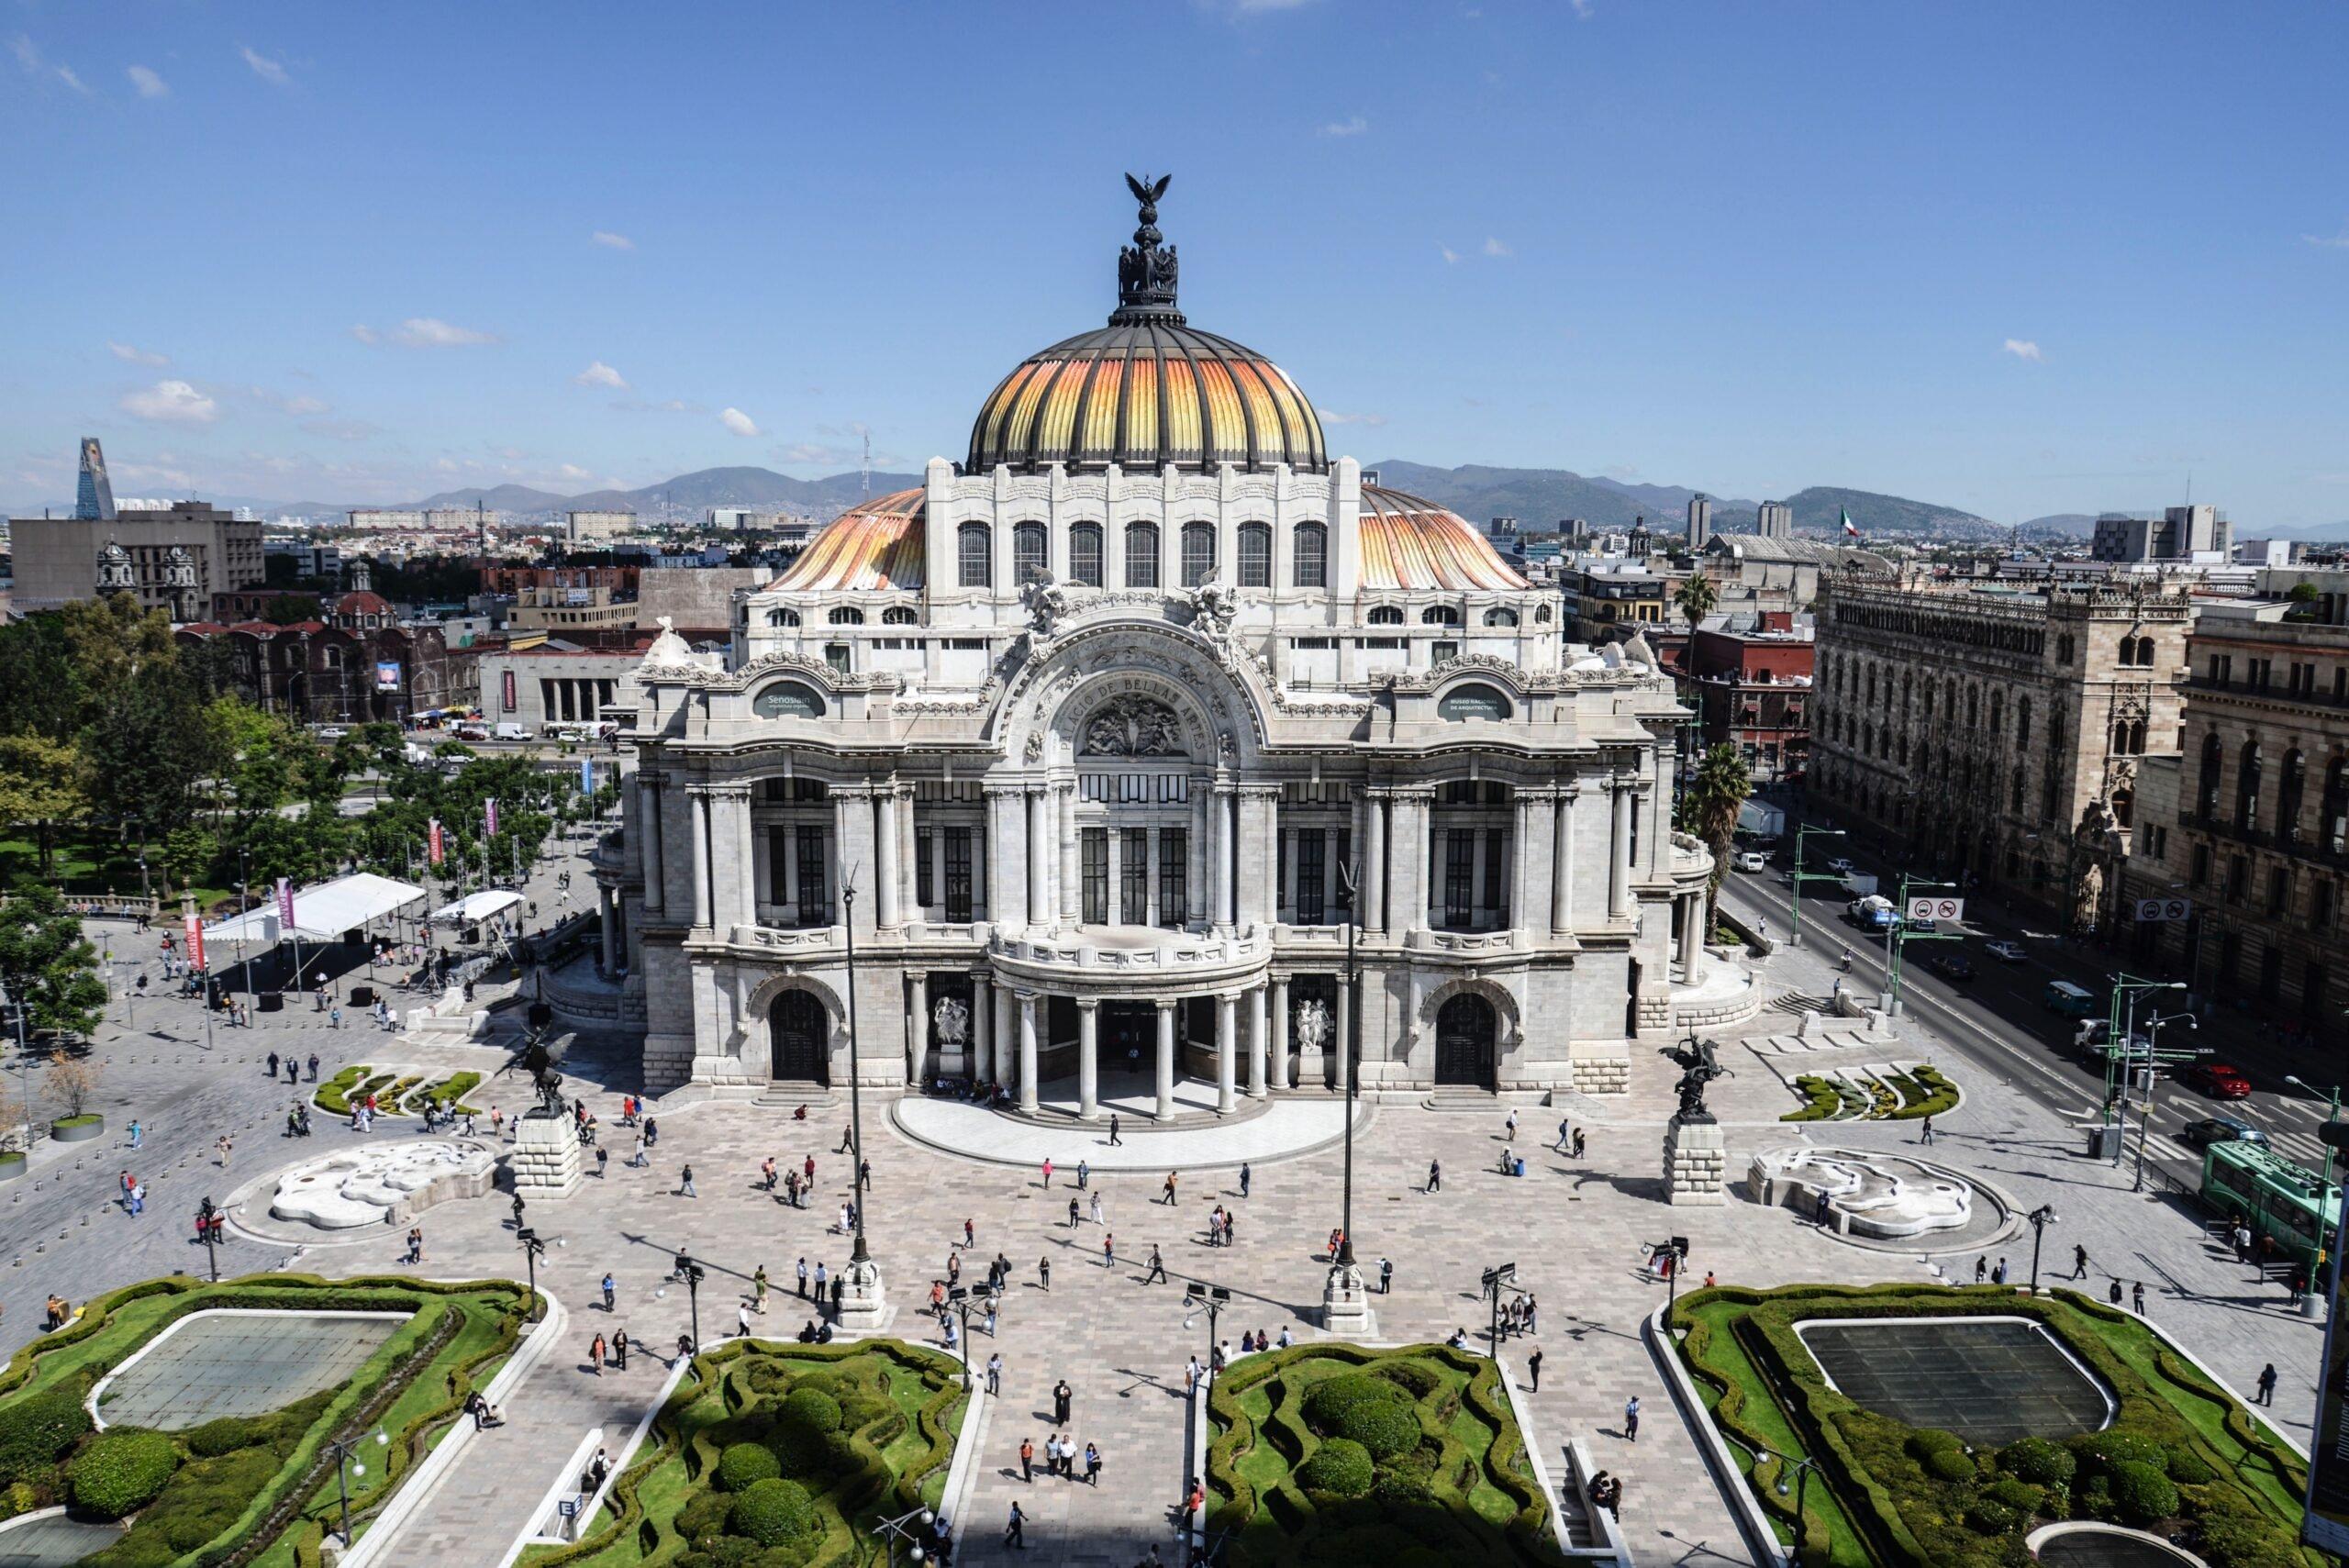 Qué hacer y qué lugares visitar en Ciudad de México